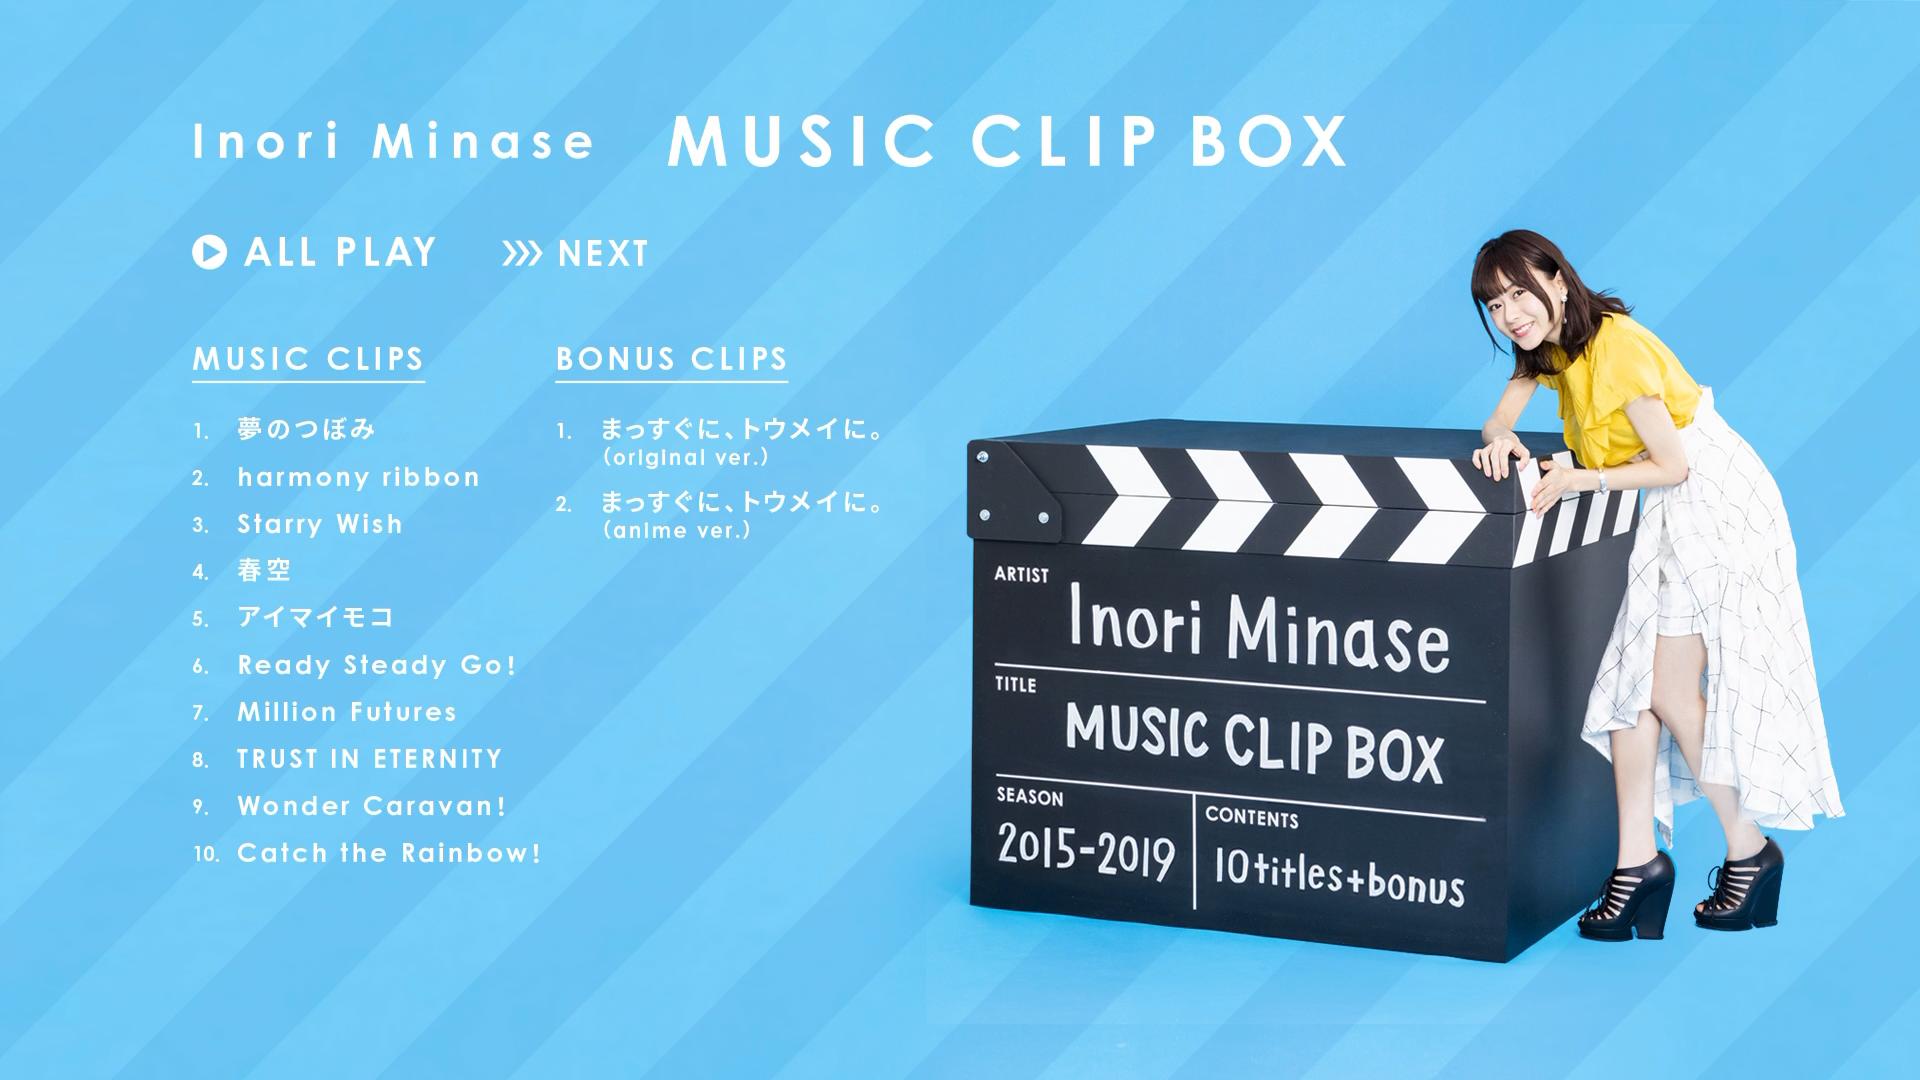 Baidu Zen 水瀬いのり Inori Minase Music Clip Box Bluray 1080p